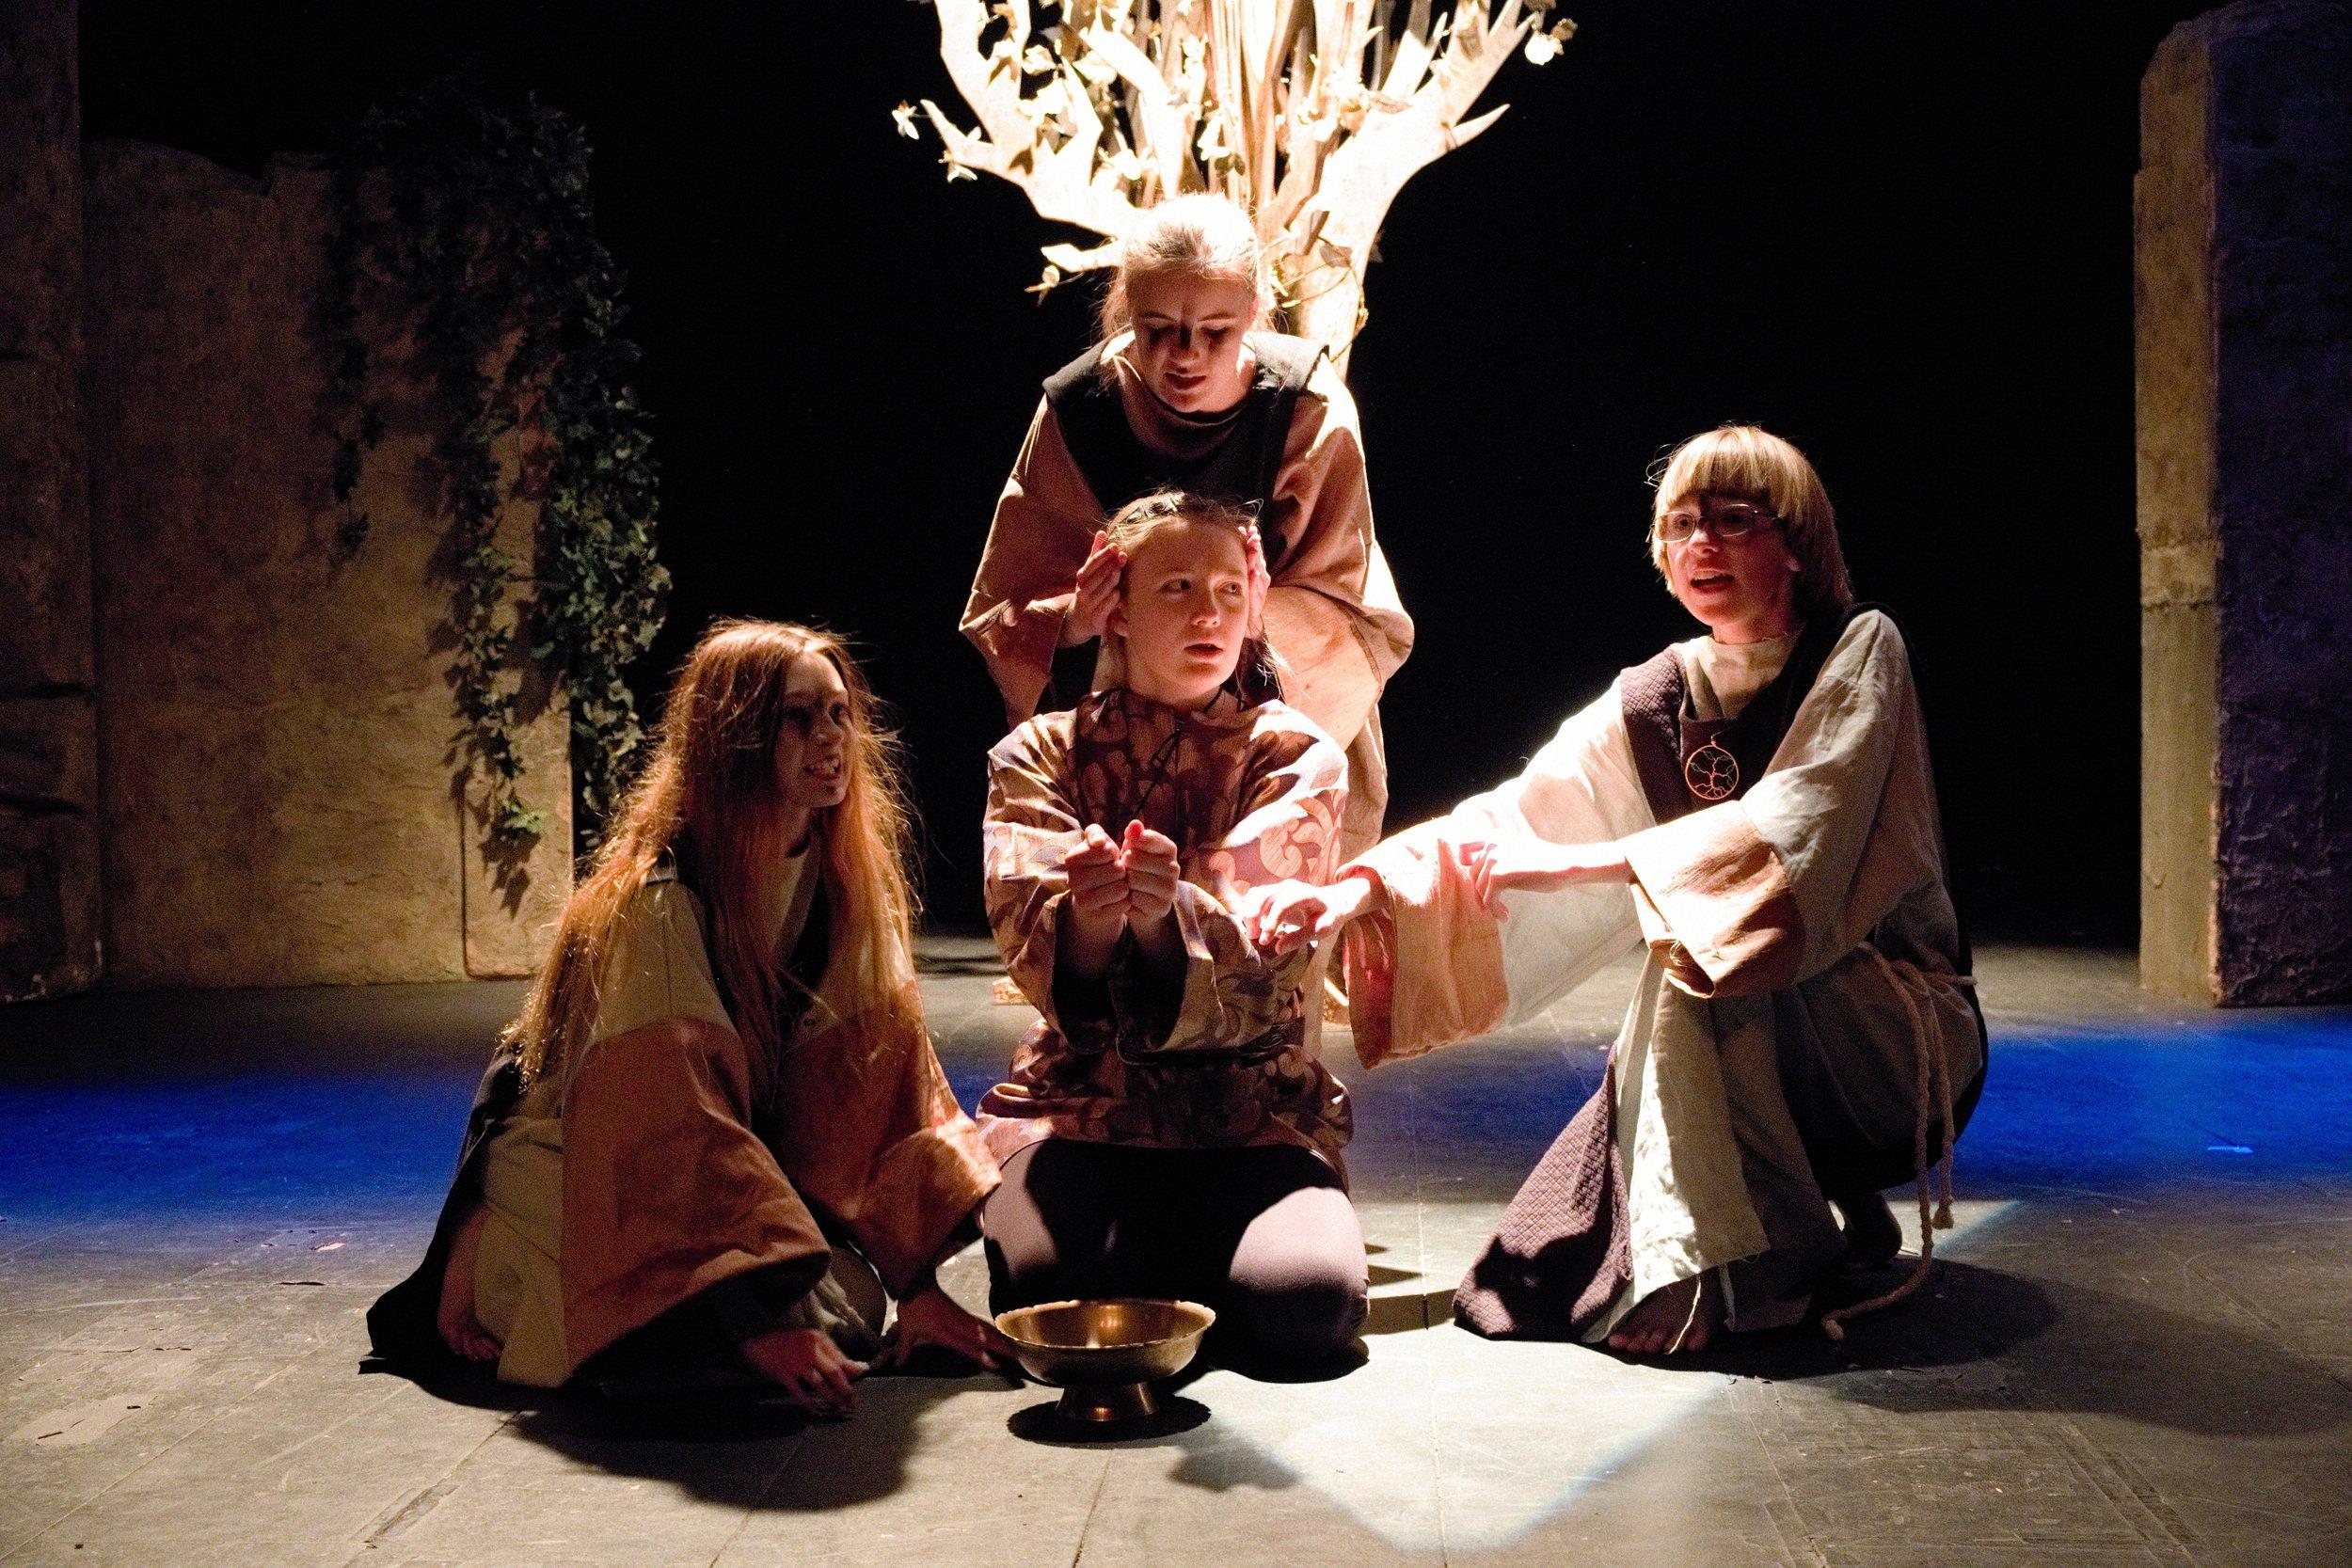 Macbeth wyrds.jpg